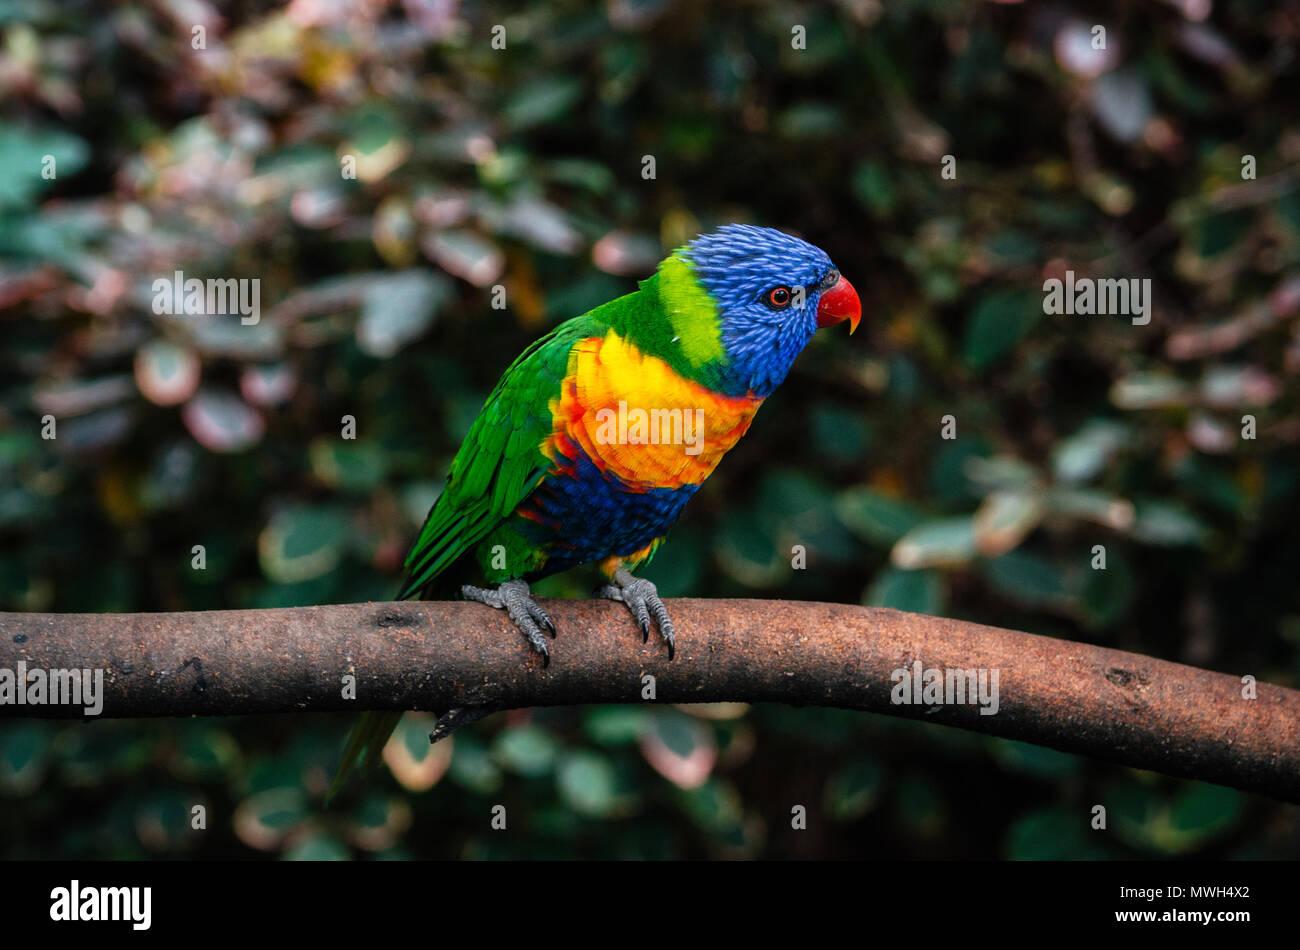 Farbenfrohe Papageien Lori oder Loriinae mit blauer Kopf sitzt auf Zweig des Baumes im Wald in der Nähe von Stockbild